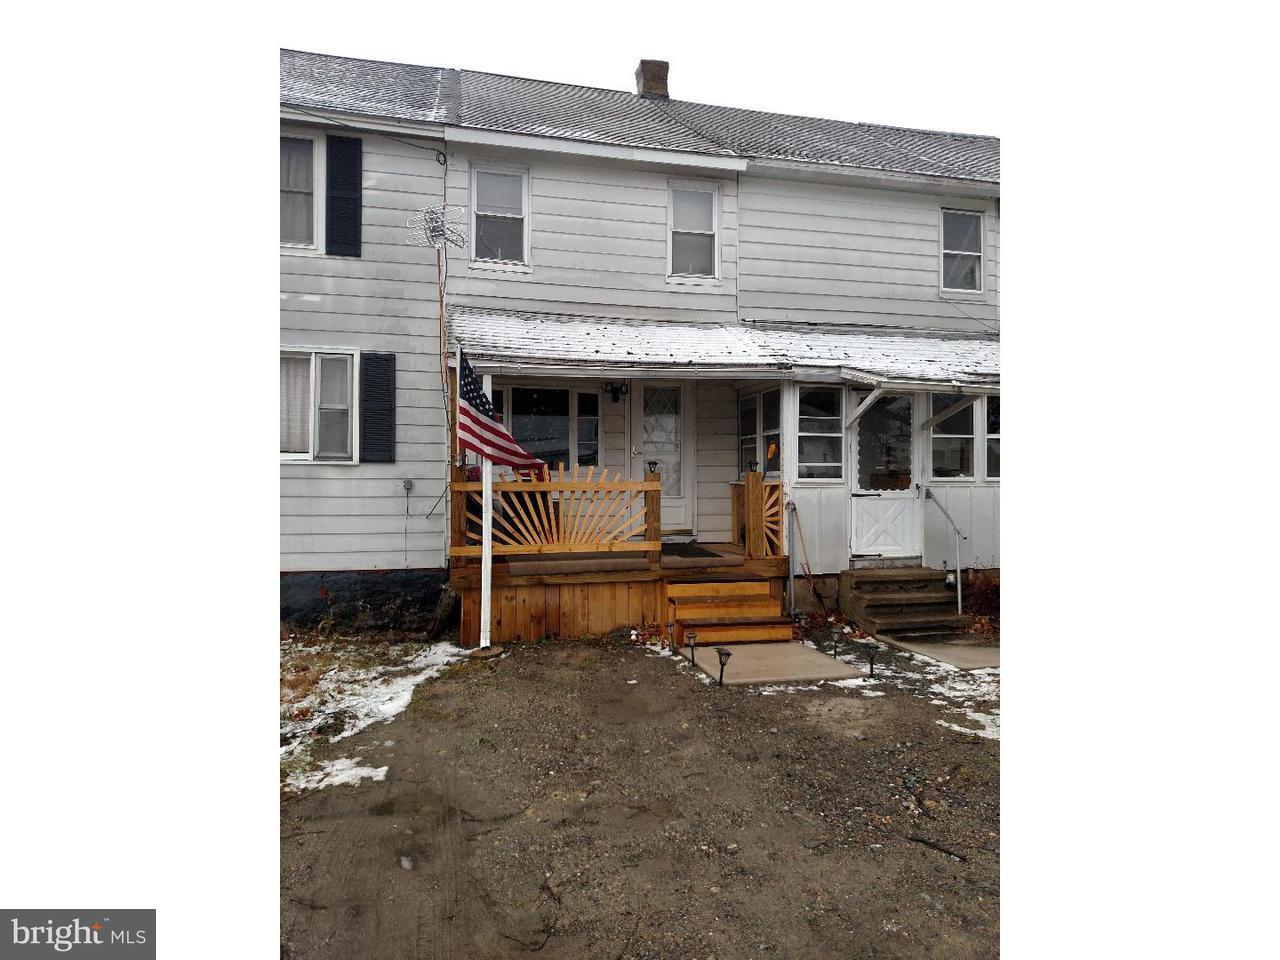 联栋屋 为 销售 在 94 E 3RD Street Oneida, 宾夕法尼亚州 18242 美国